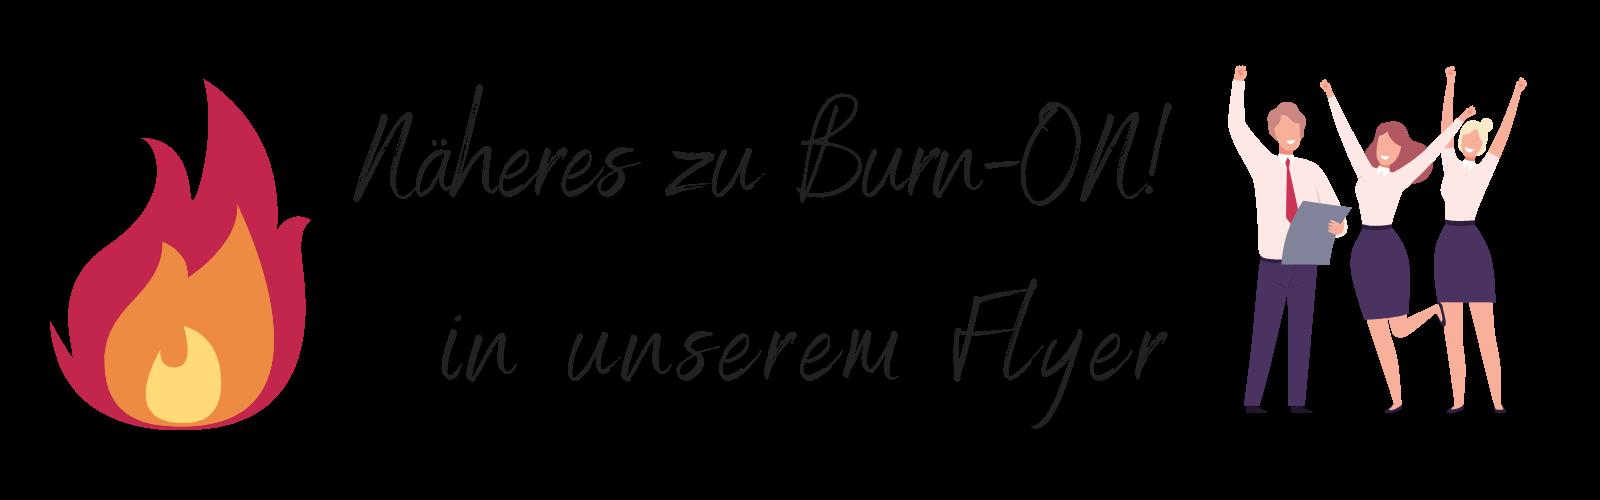 Diplom-Psychologin Ulrike Duke - Betriebliche Gesundheitsförderung Burnoutprävention gesundheitsfördernde Maßnahme Unternehmen Arbeitgeber am Arbeitsplatz Mitarbeiter fördern 6